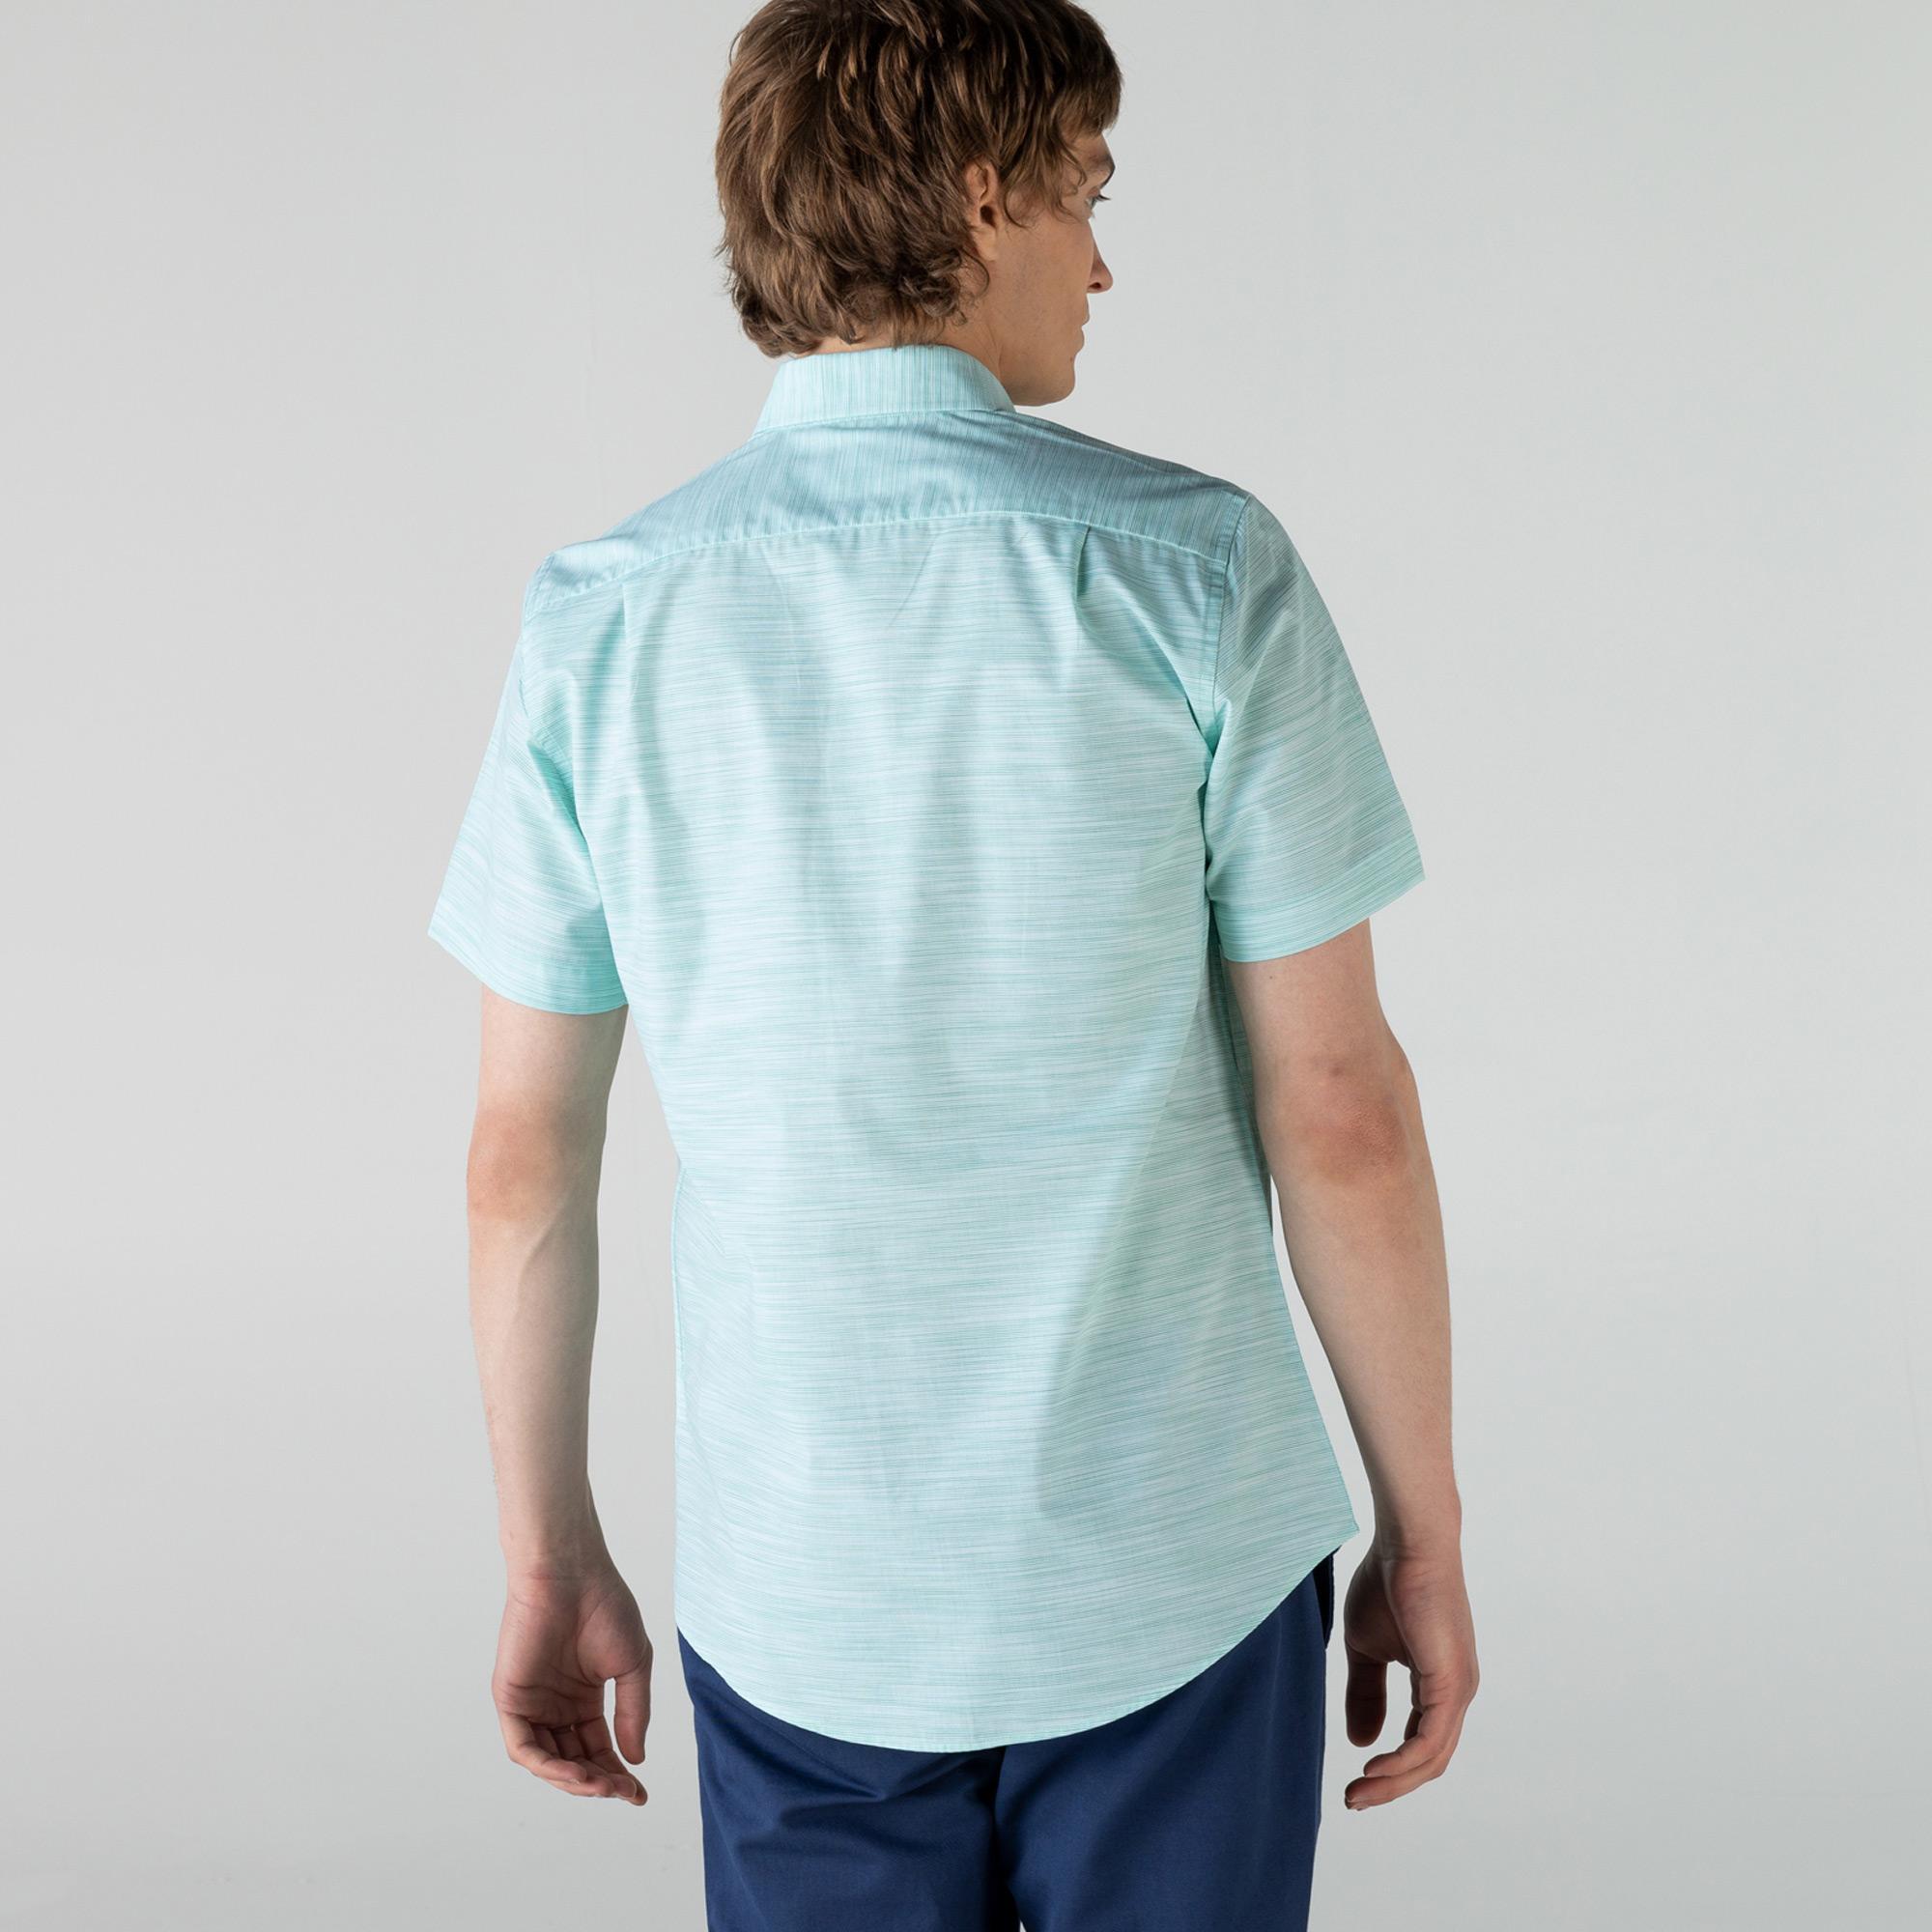 Lacoste Erkek Slim Fit Kısa Kollu Desenli Açık Yeşil Gömlek